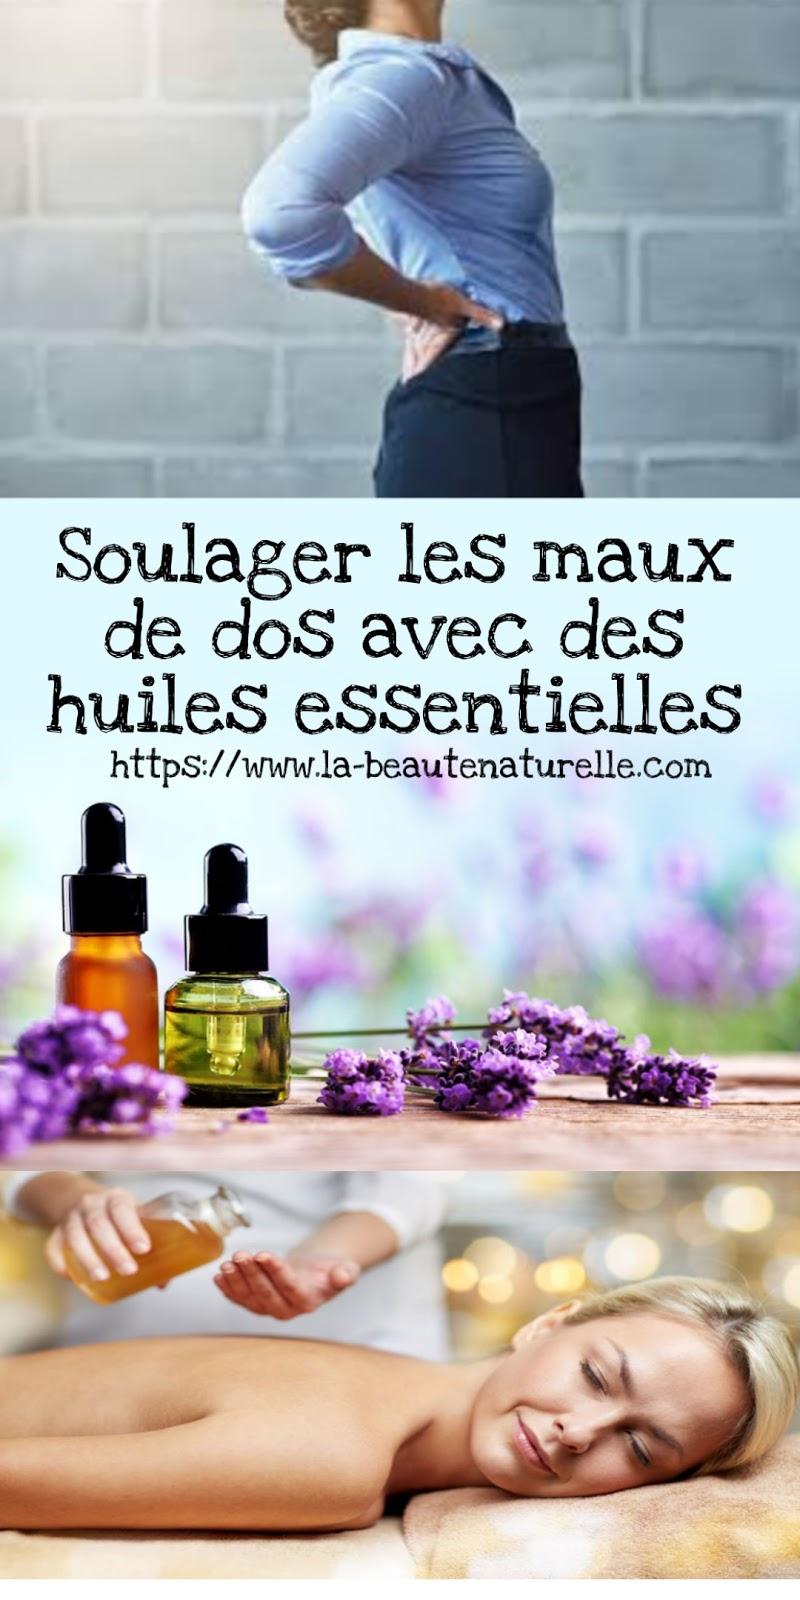 Soulager les maux de dos avec des huiles essentielles